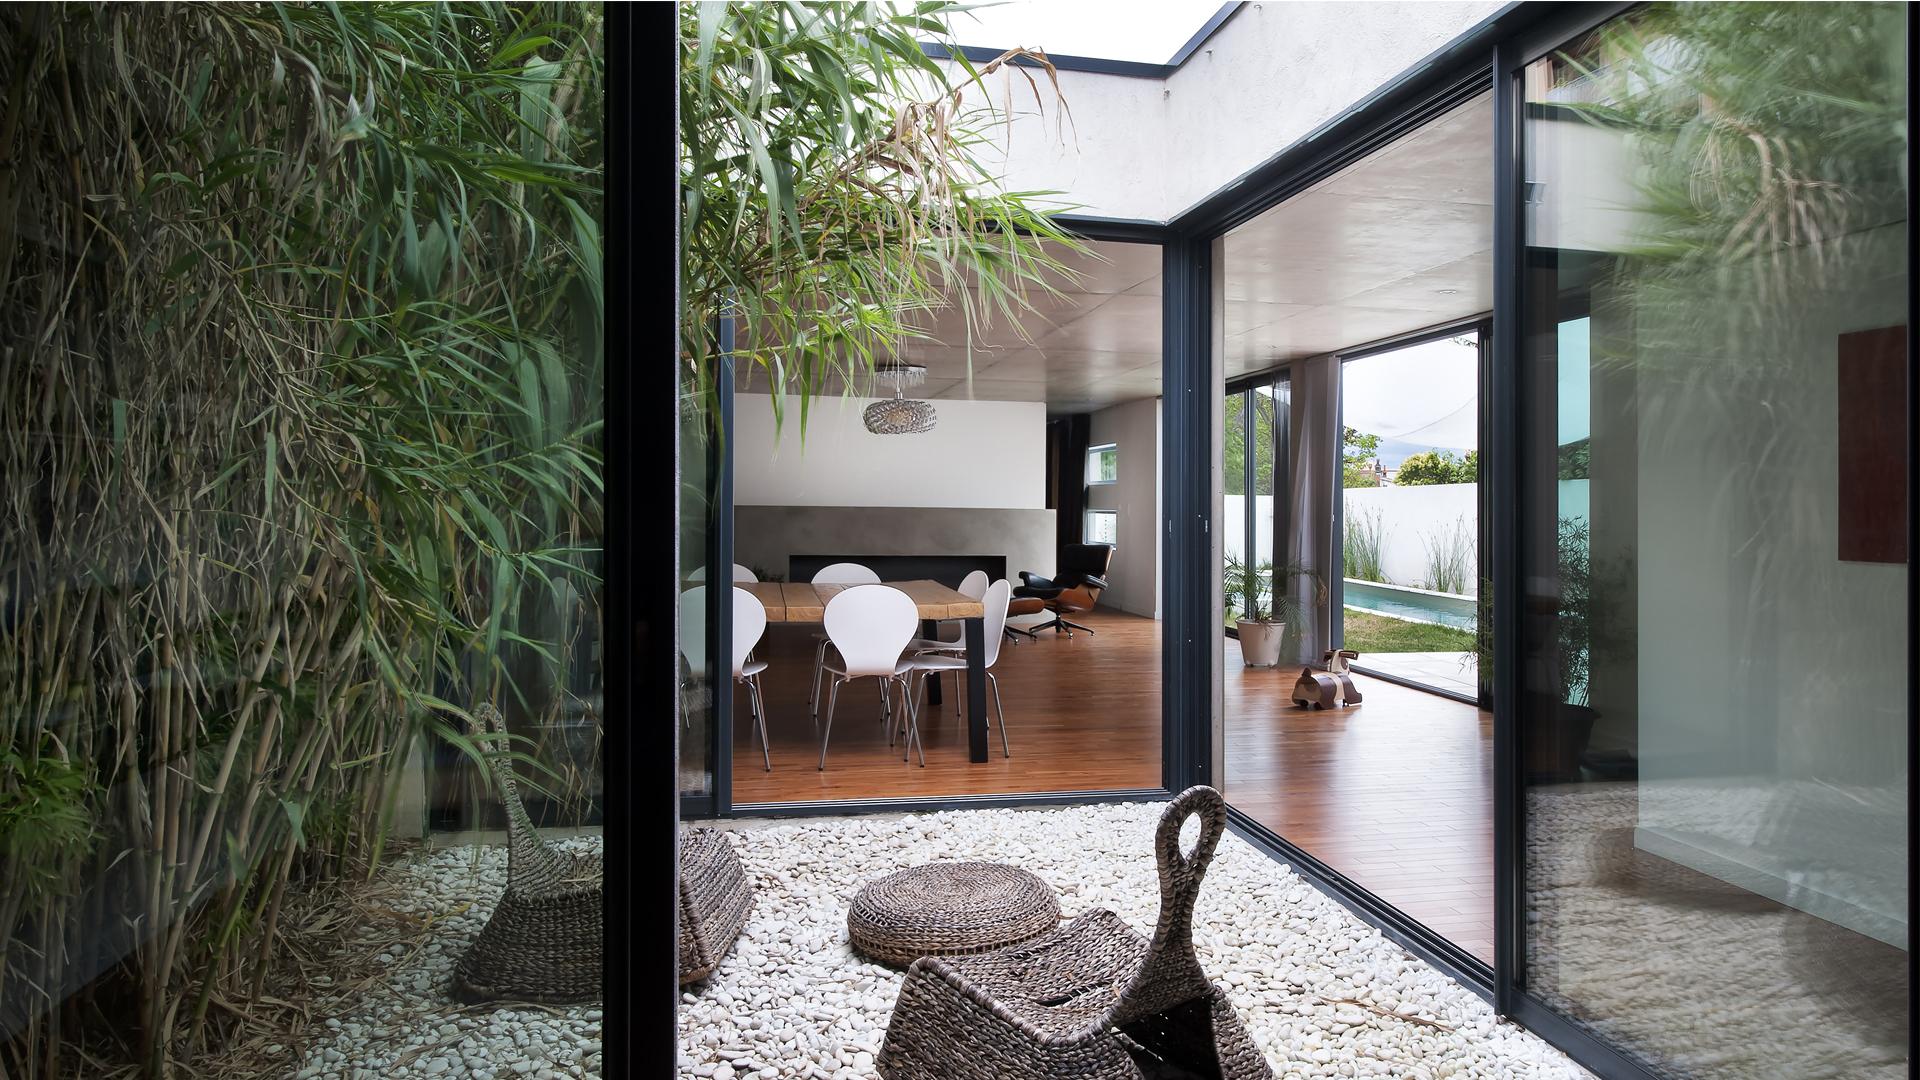 Maison Moderne Avec Patio Interieur maison patio à toulouse - seuil architecture